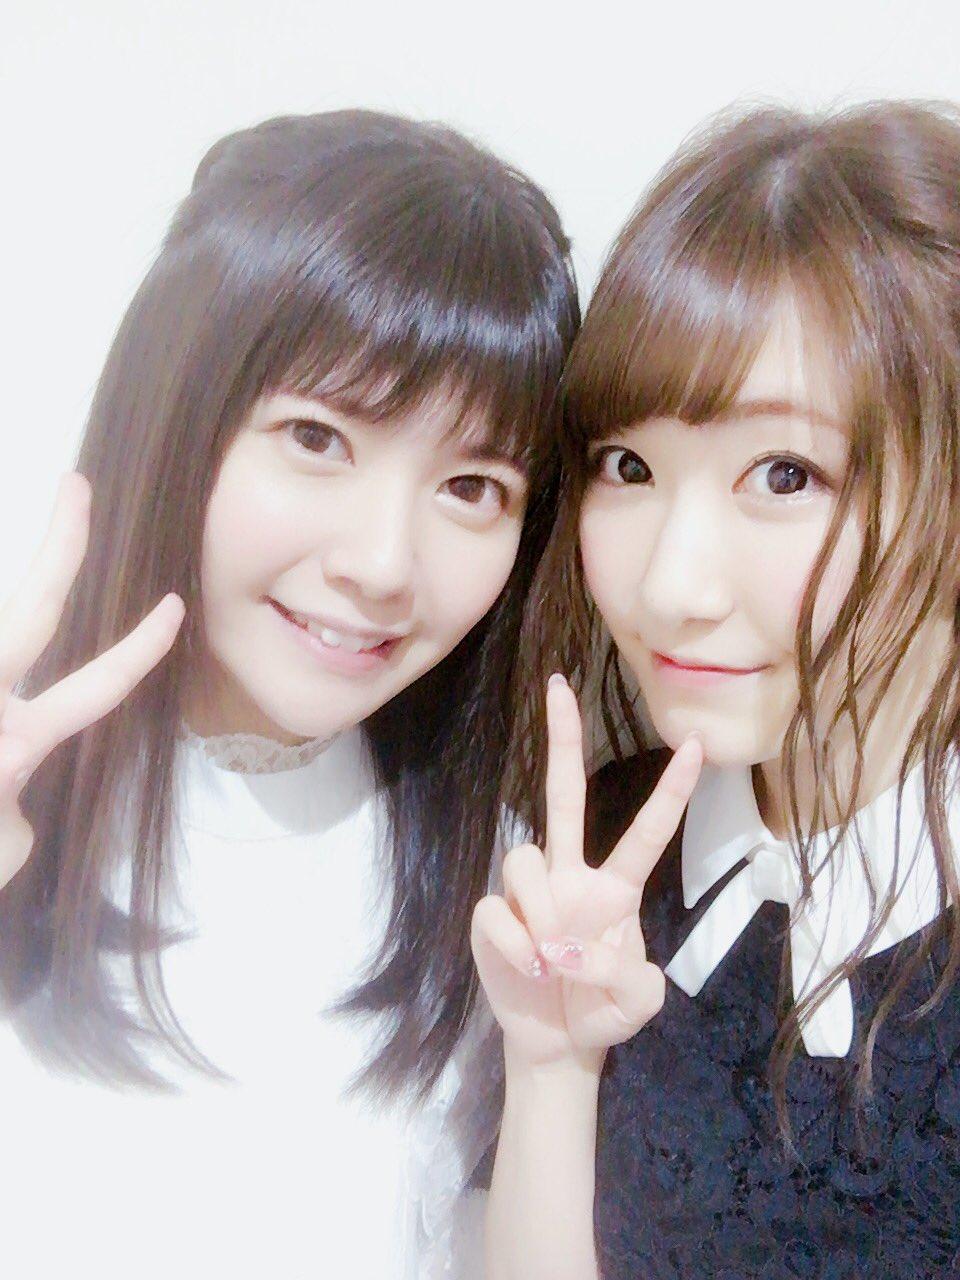 성우 히다카 리나가 자신의 트위터에 올린 사진, 타..